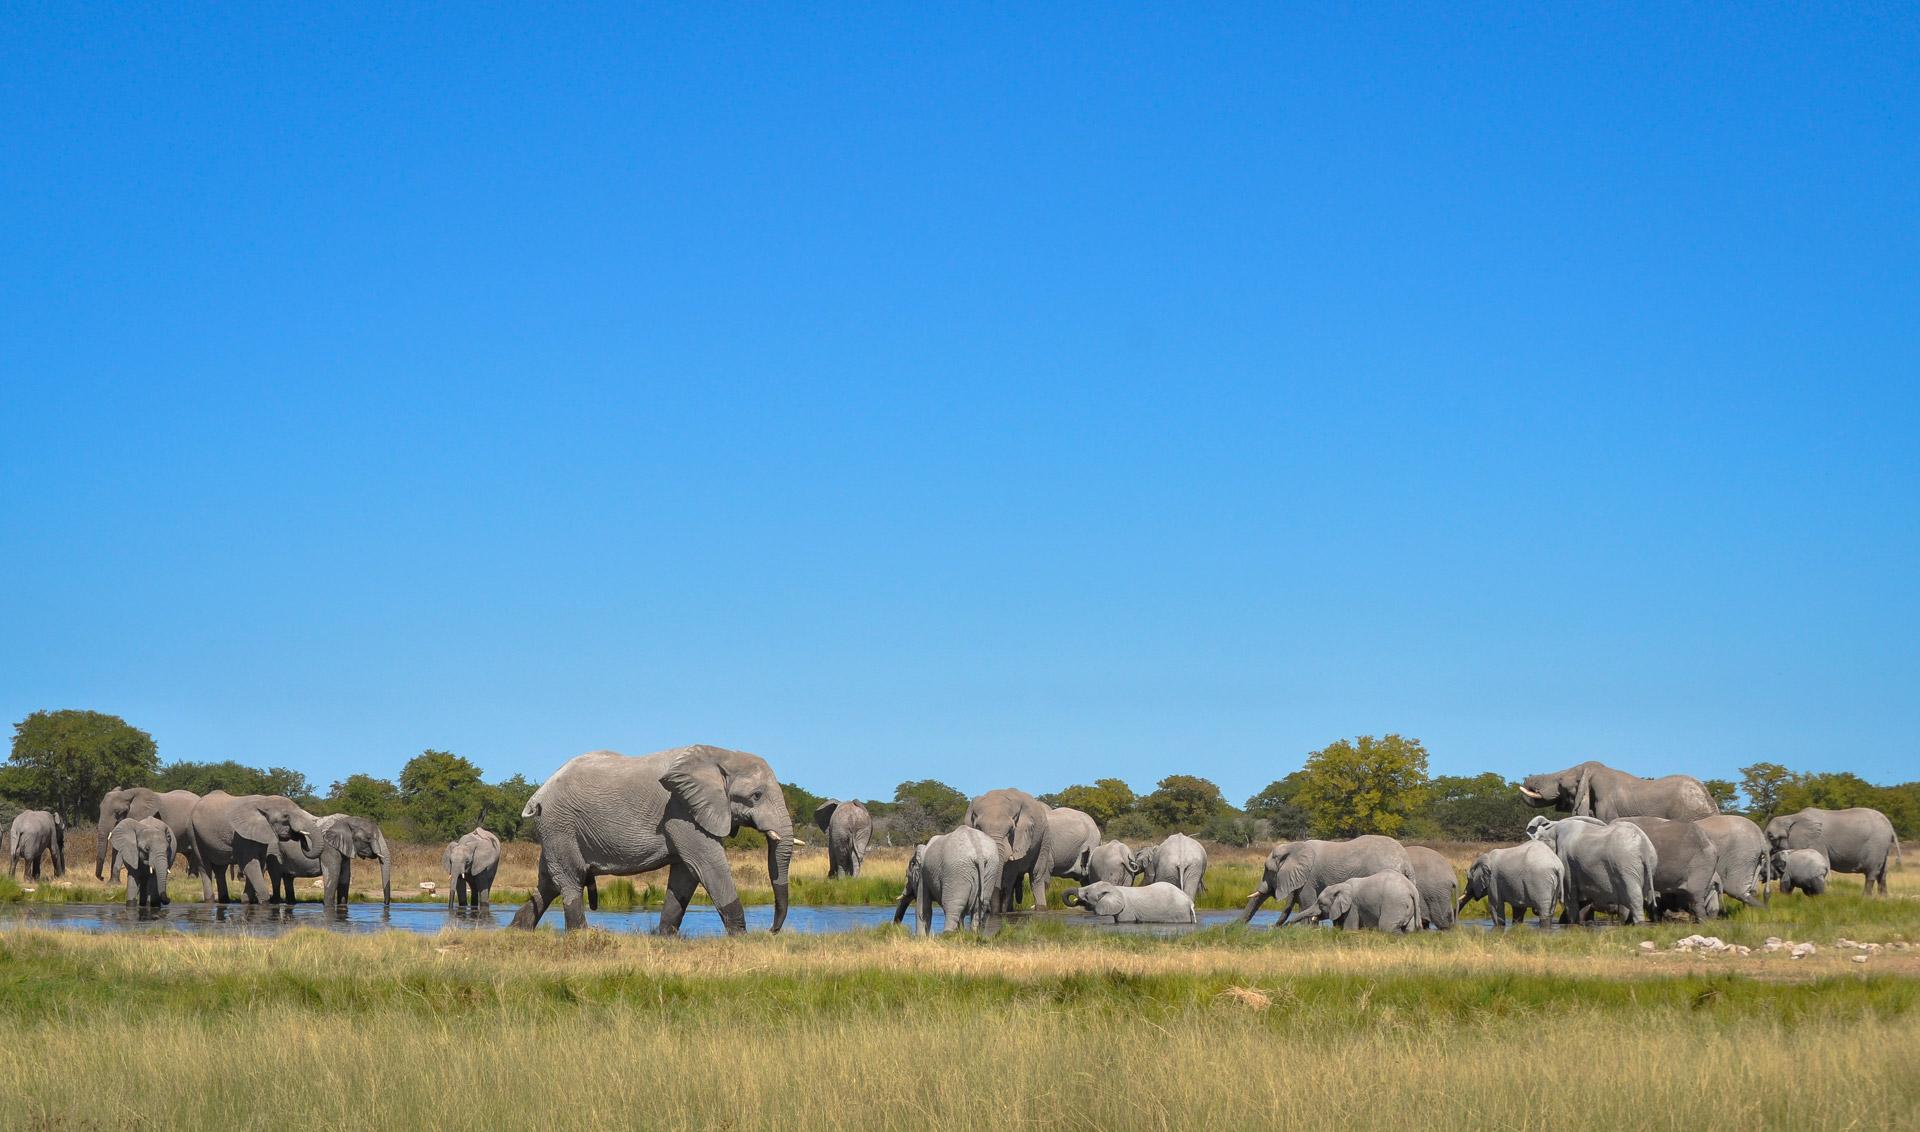 Elephant herd at Goas in Etosha National Park